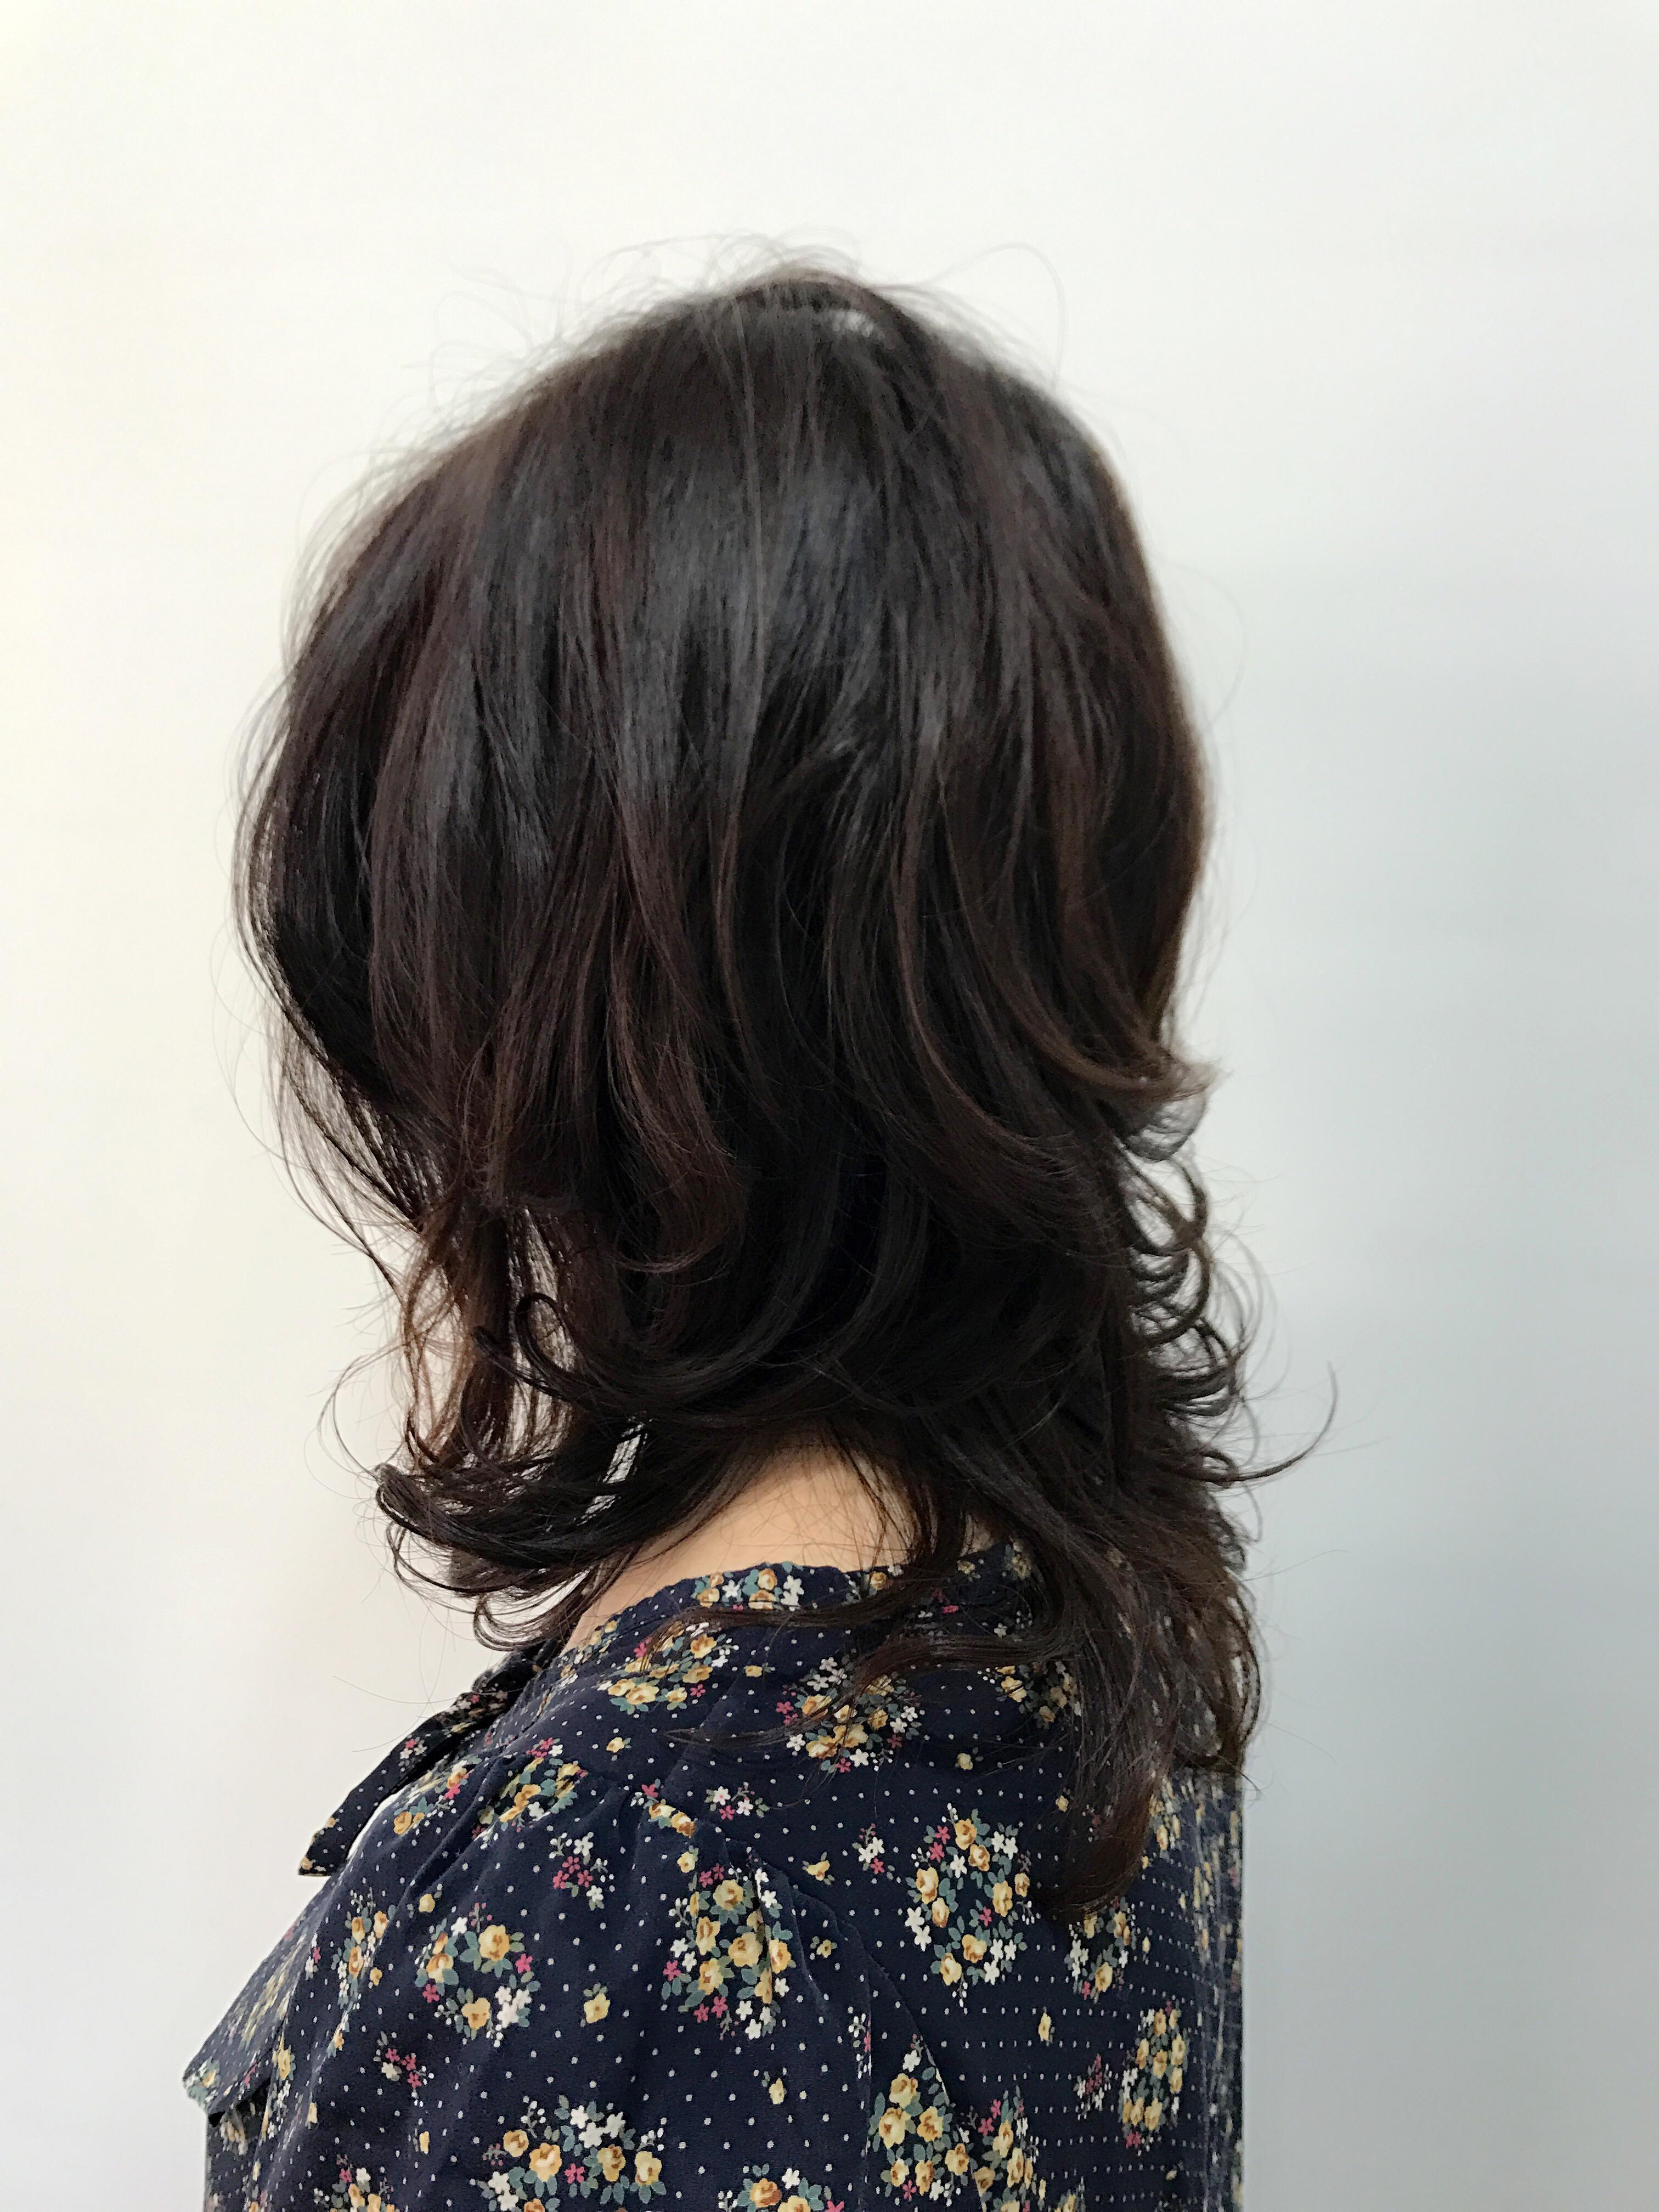 髪のお医者さん的な要素もありますが、最近は『ジム』や『エステ』のような【メンテナンス】の要素多いなぁと思います^ ^